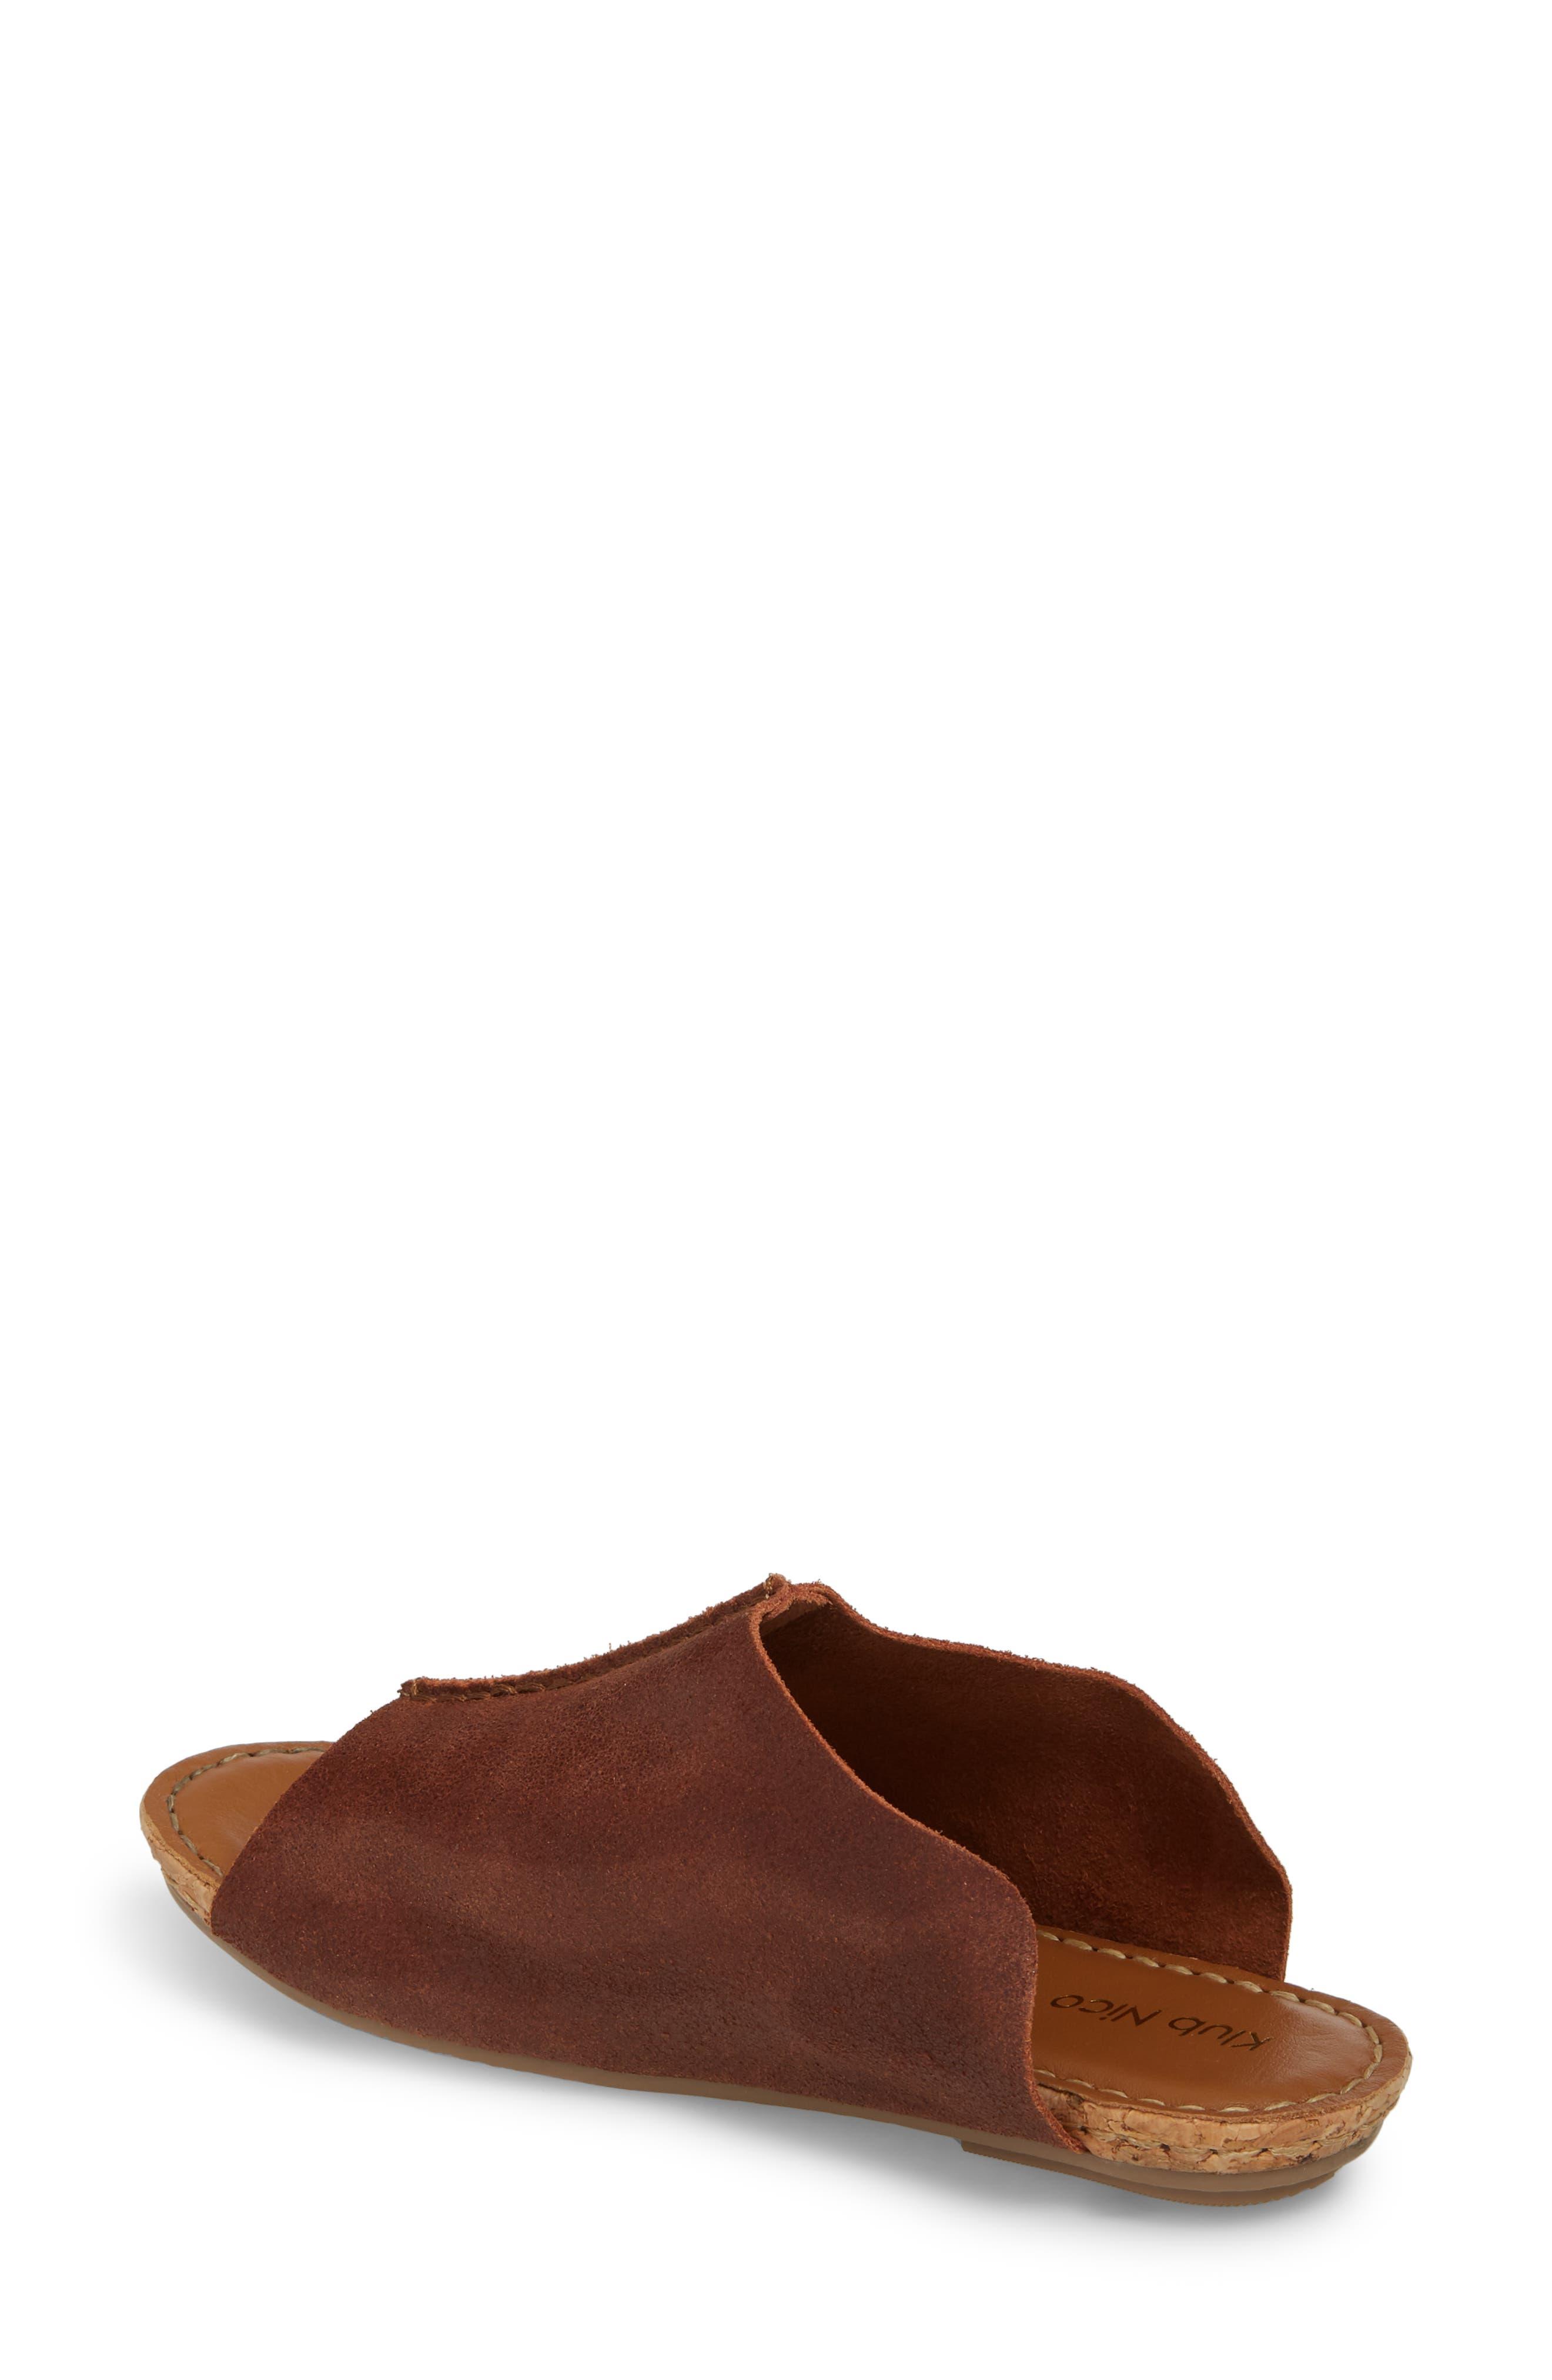 Gracey Slide Sandal,                             Alternate thumbnail 2, color,                             Rum Leather